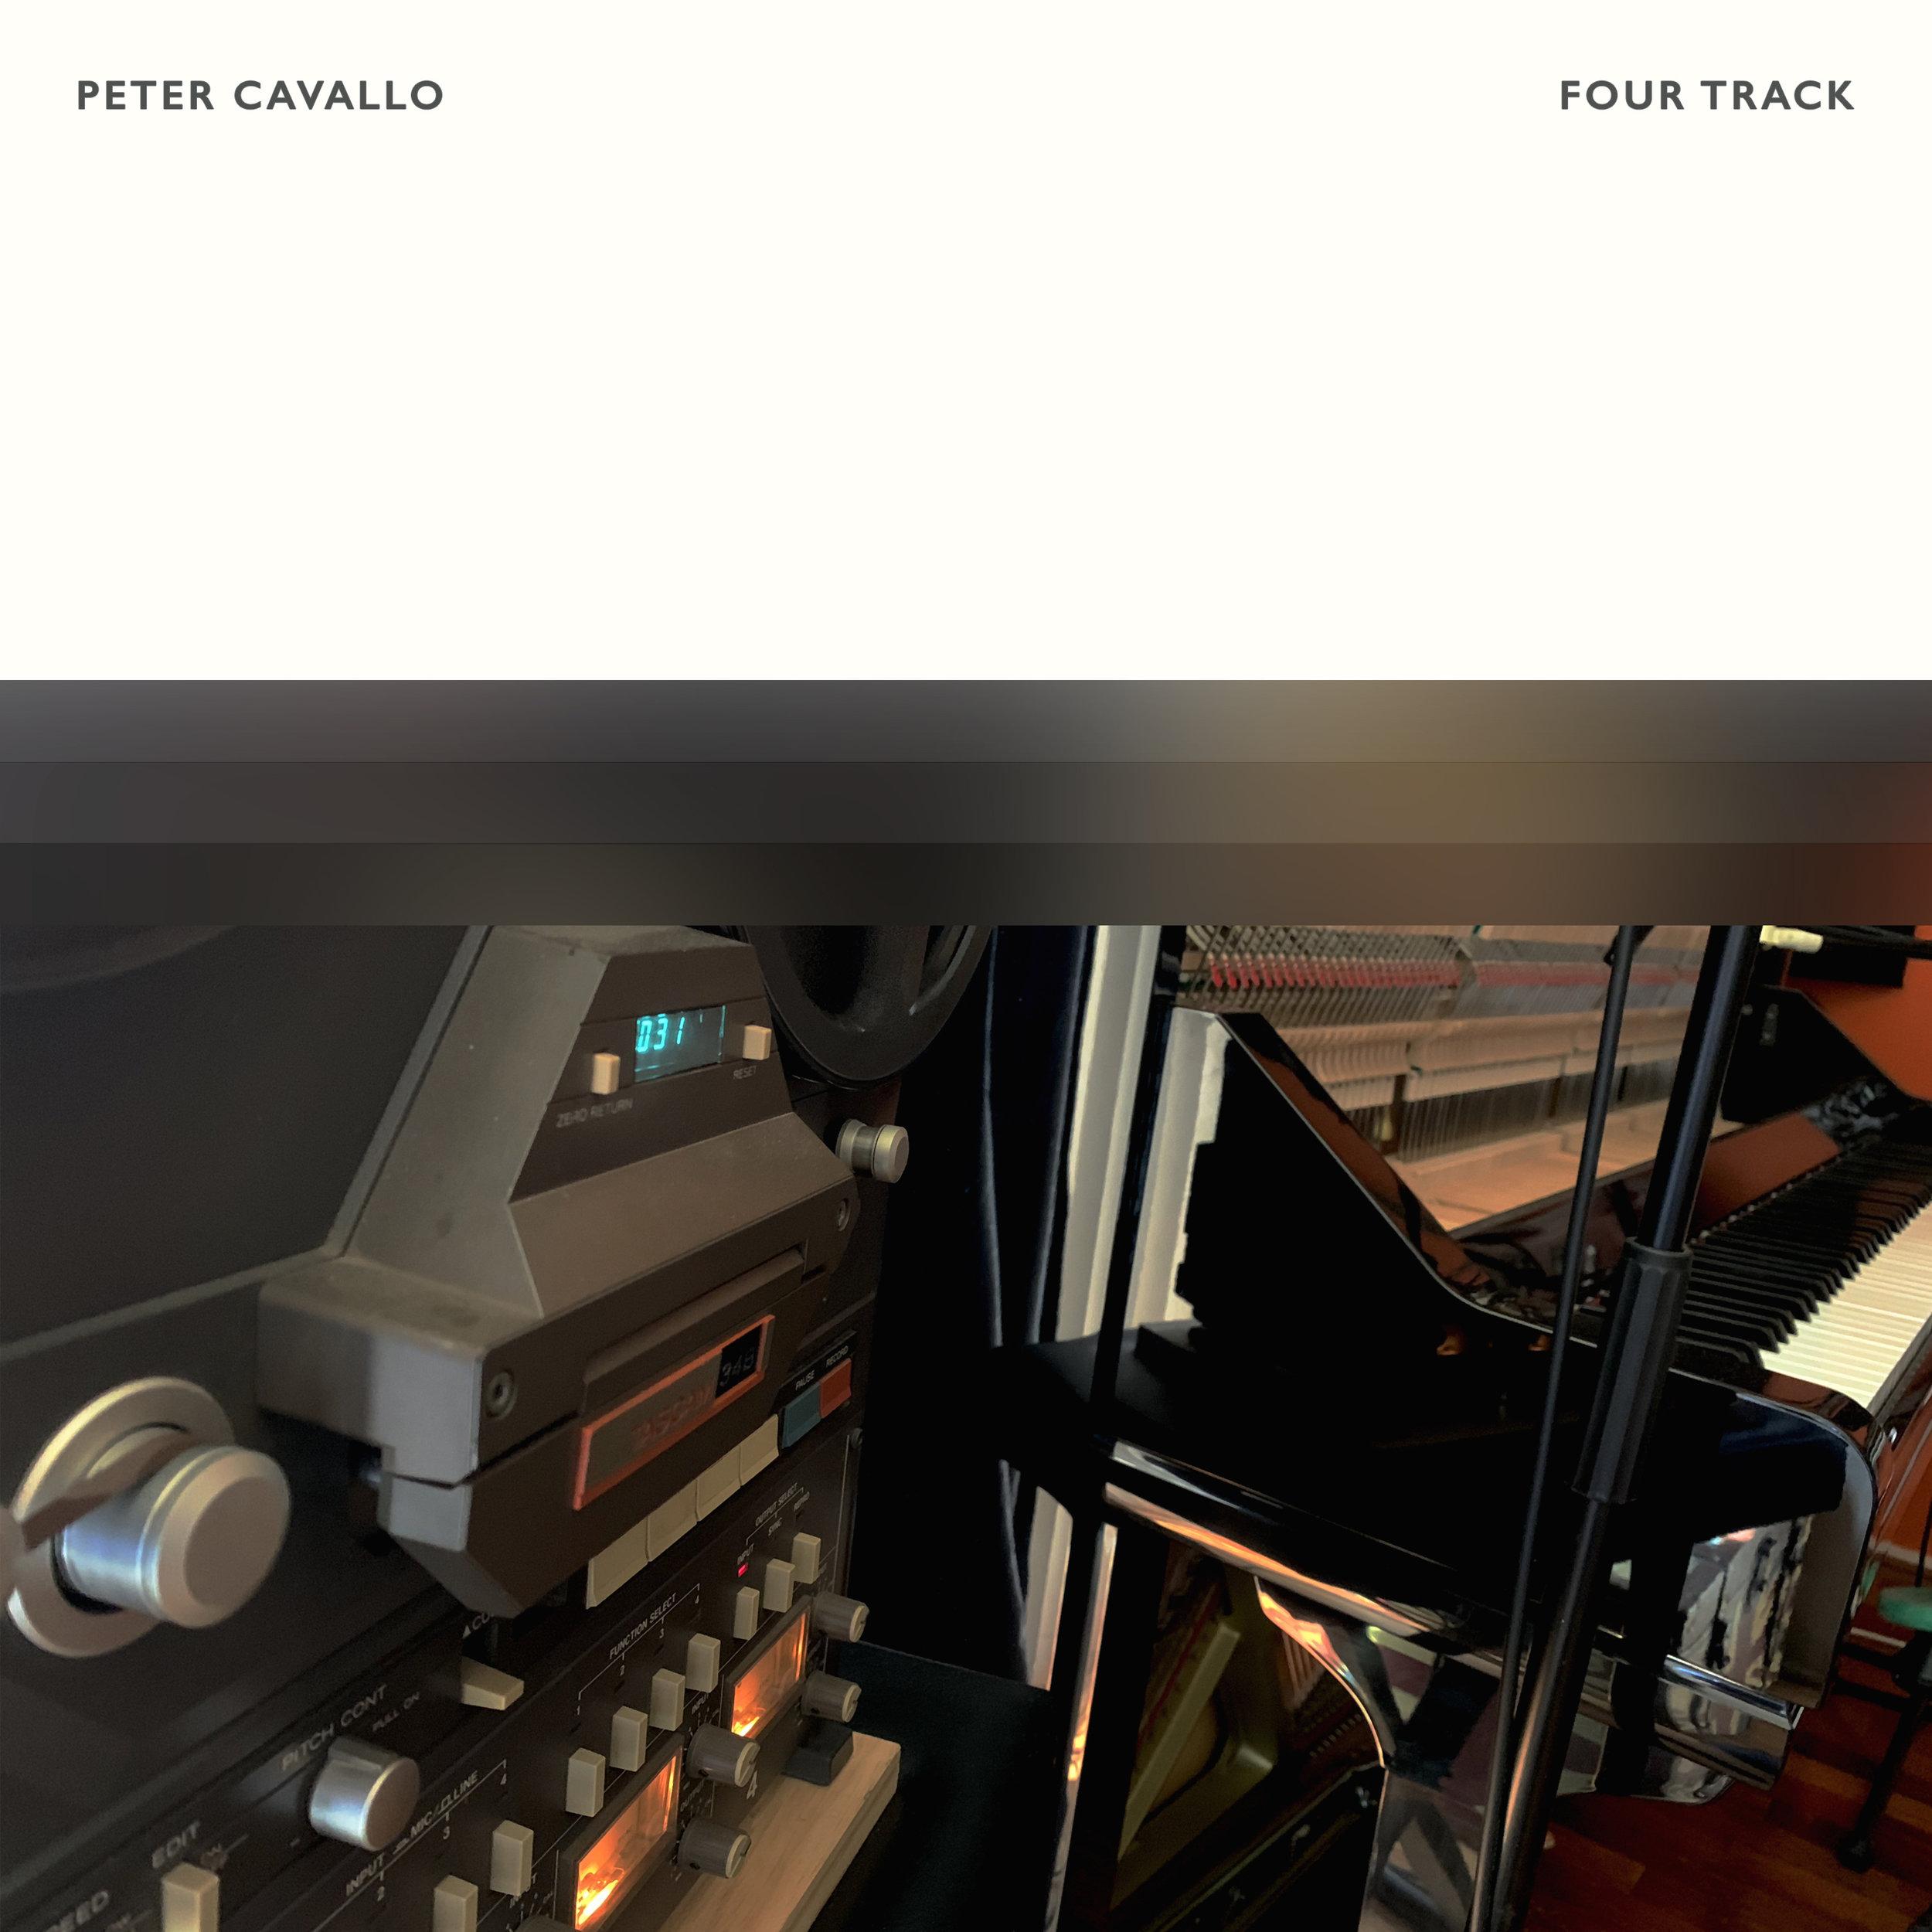 Peter Cavallo - Four Track